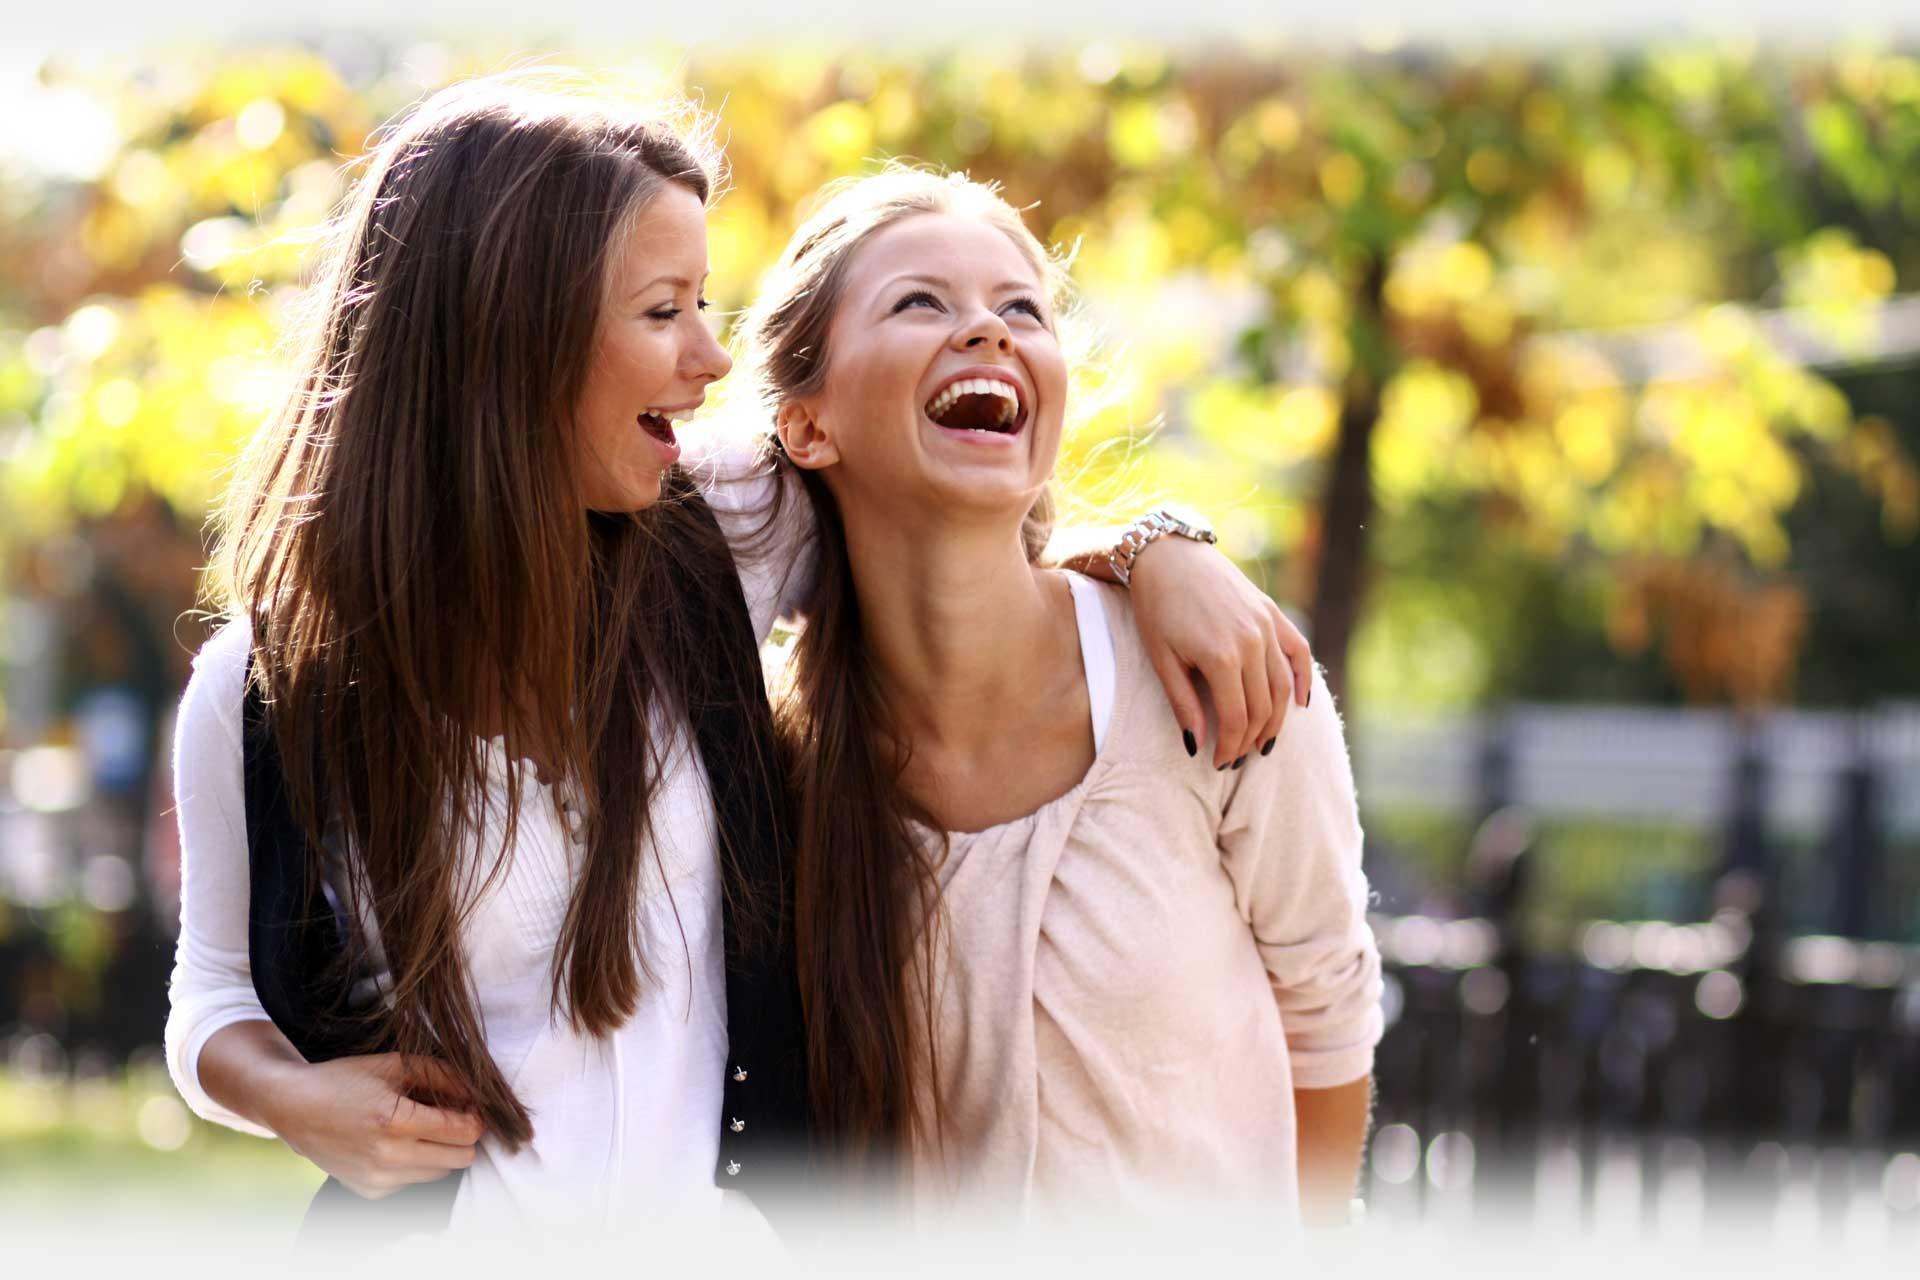 Прежде чем обвинять себя в неумении дружить, предательстве и равнодушии, подумайте, почему общение с подругой стало вам в тягость.